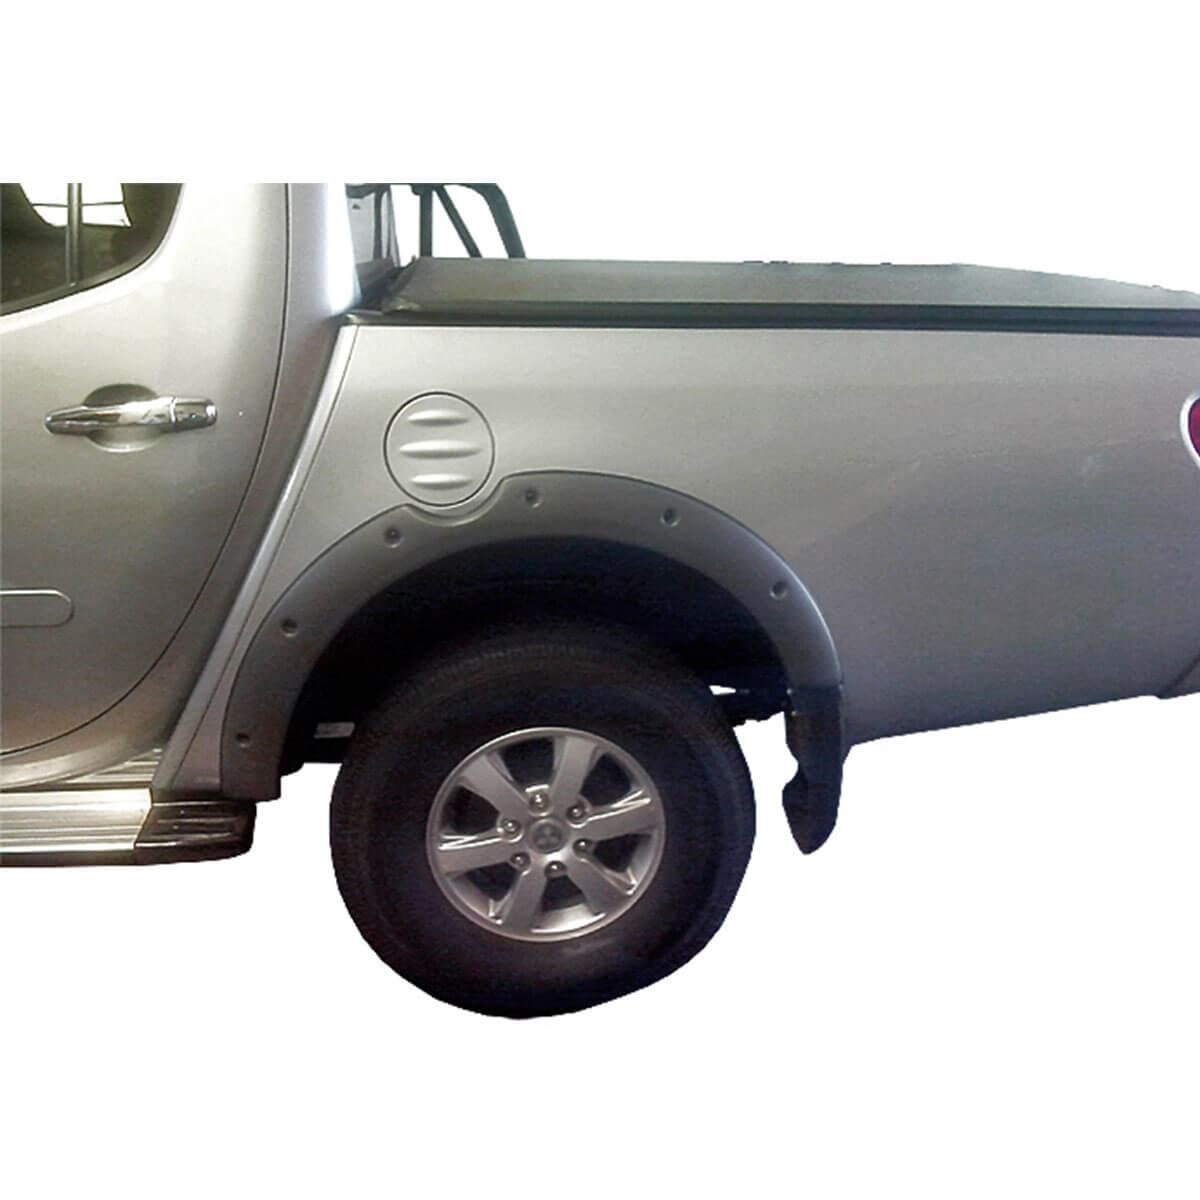 Alargador de paralama L200 Triton 2012 a 2018 GL e GLX